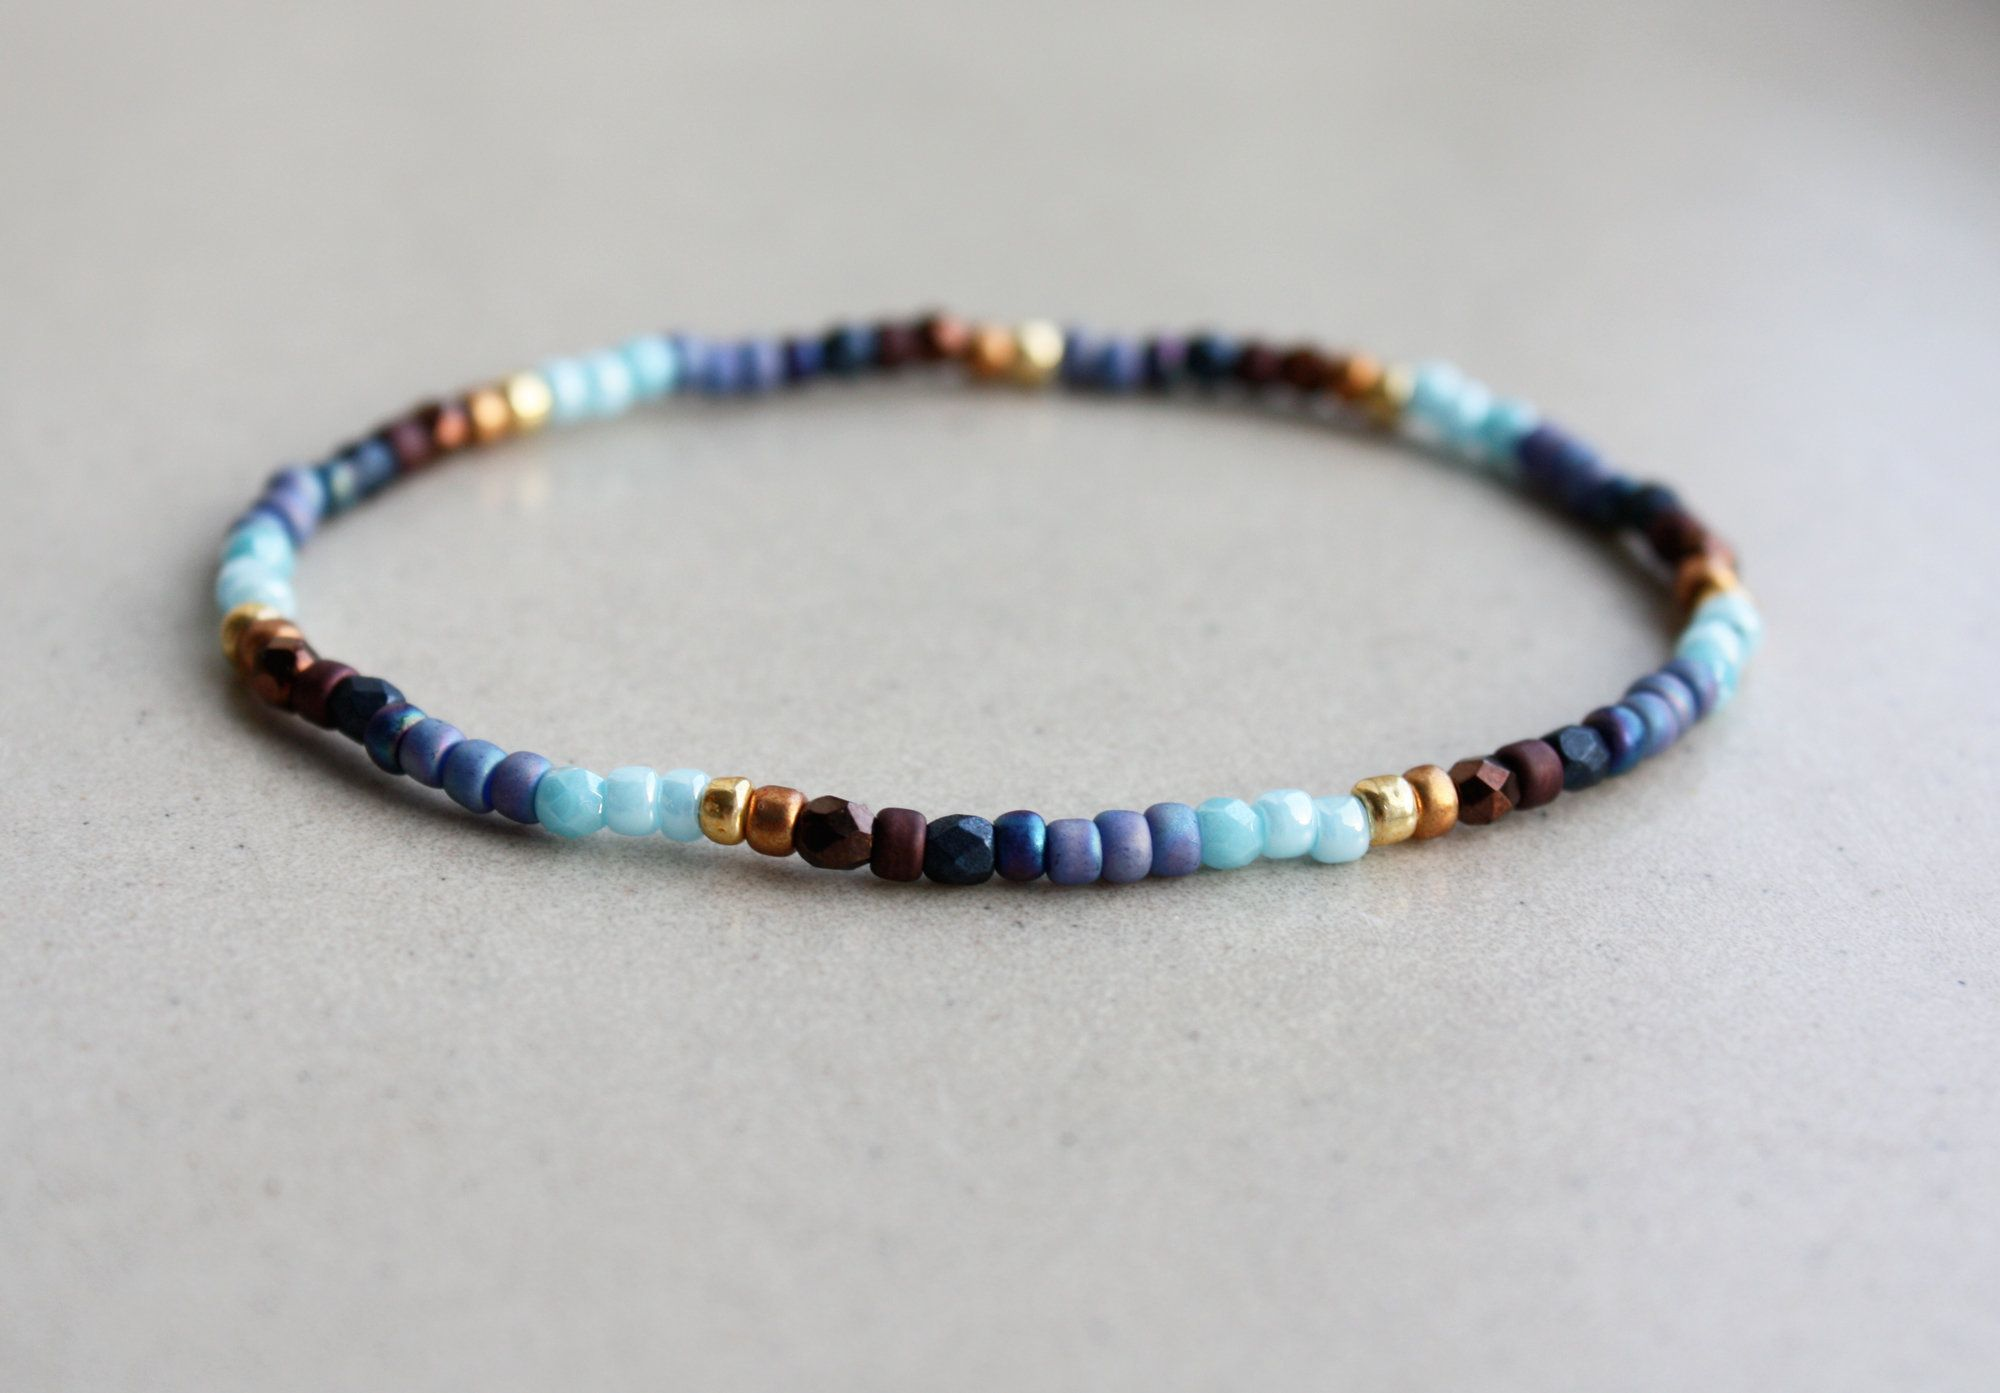 Kralenarmband Bruin & Blauw, Kralen Armbanden, Boho Style Sieraad, Kleine Cadeautjes Voor Beste Vriend, Zomer Accessoires